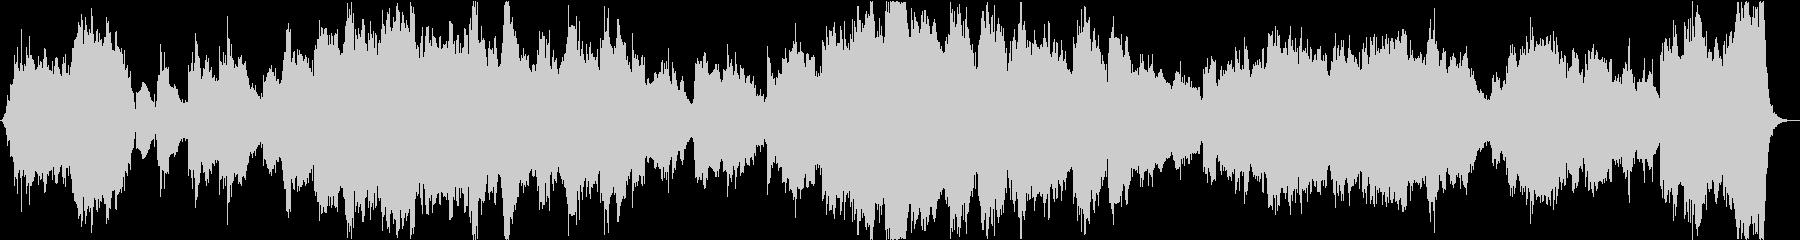 オーケストラサウンドトラック。サウ...の未再生の波形